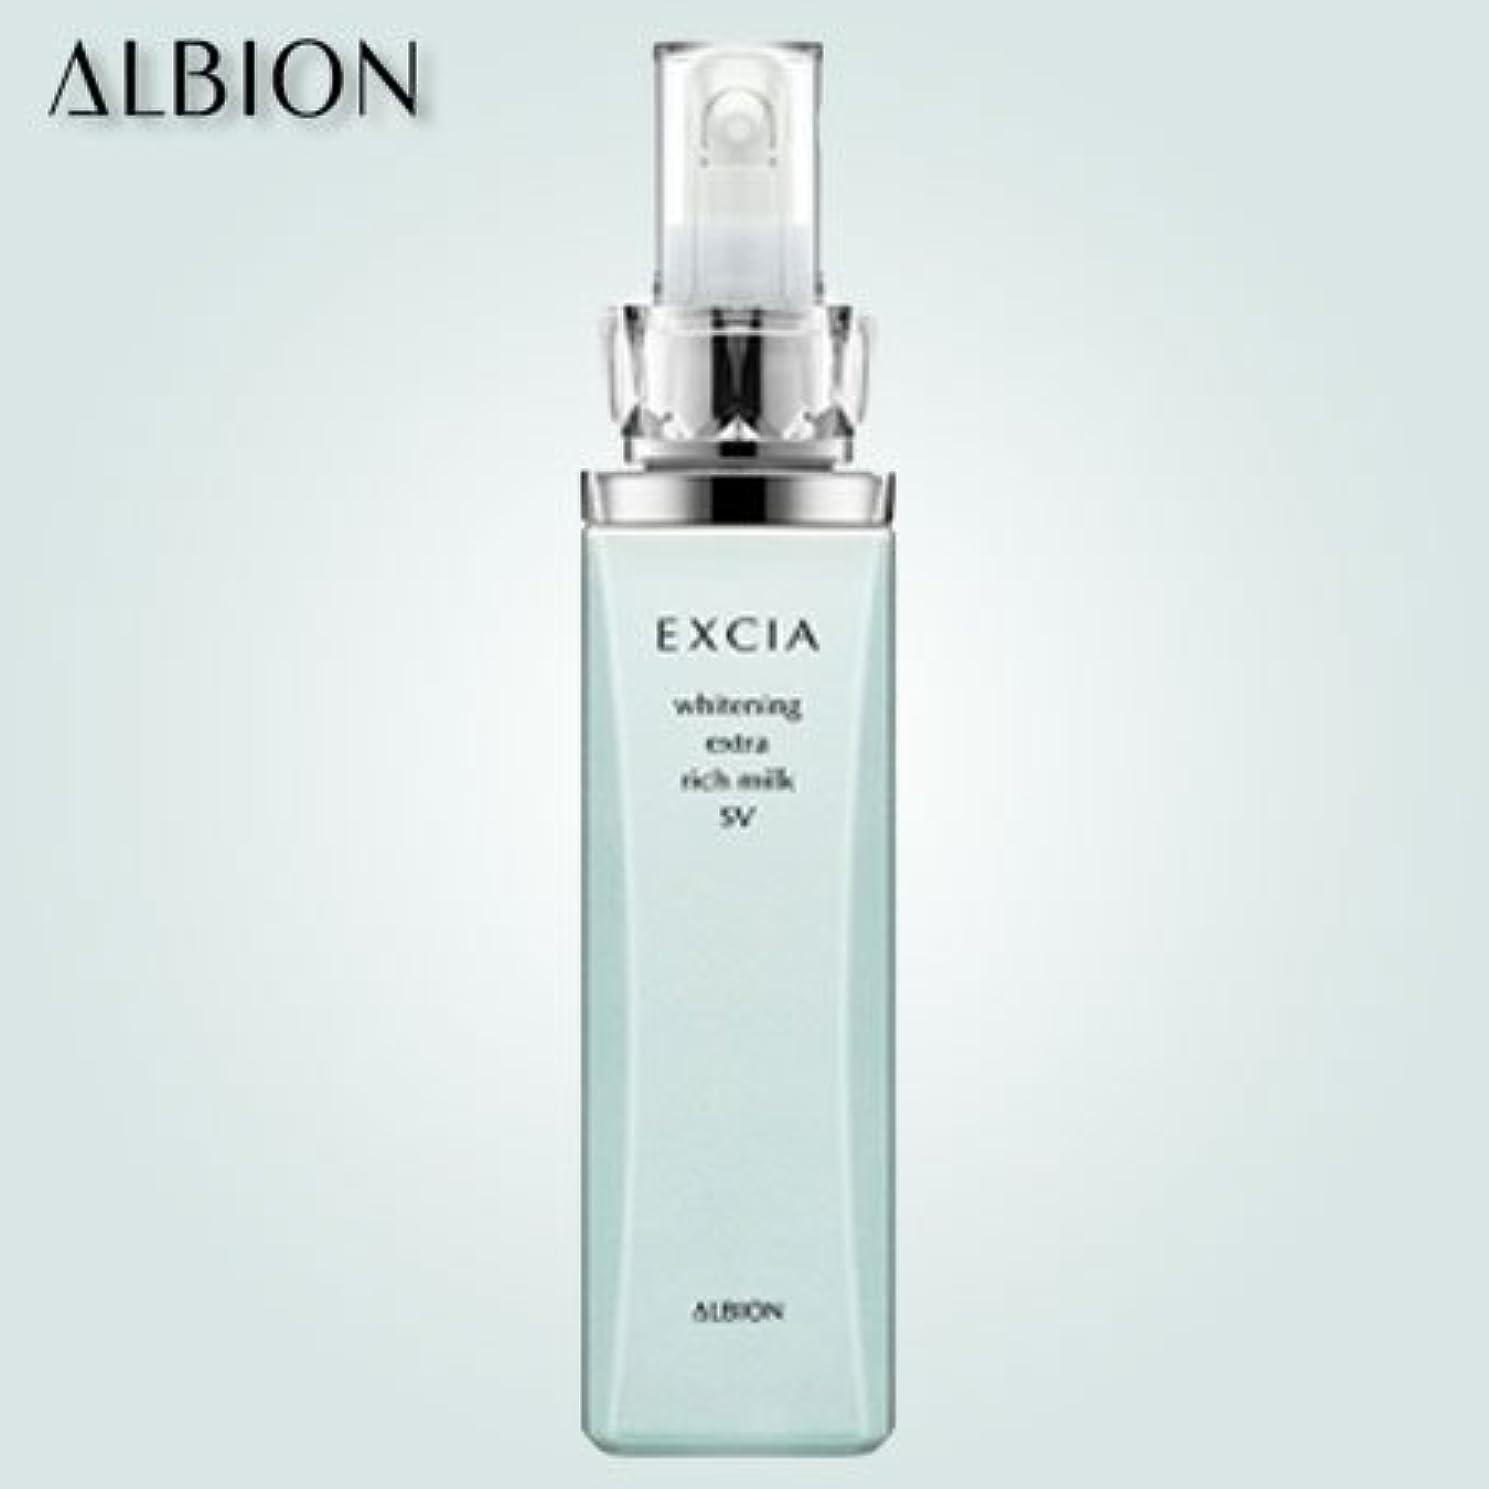 ポーズ合法敬なアルビオン エクシアAL ホワイトニング エクストラリッチミルク SV(ノーマル~ドライスキン用)200g-ALBION-